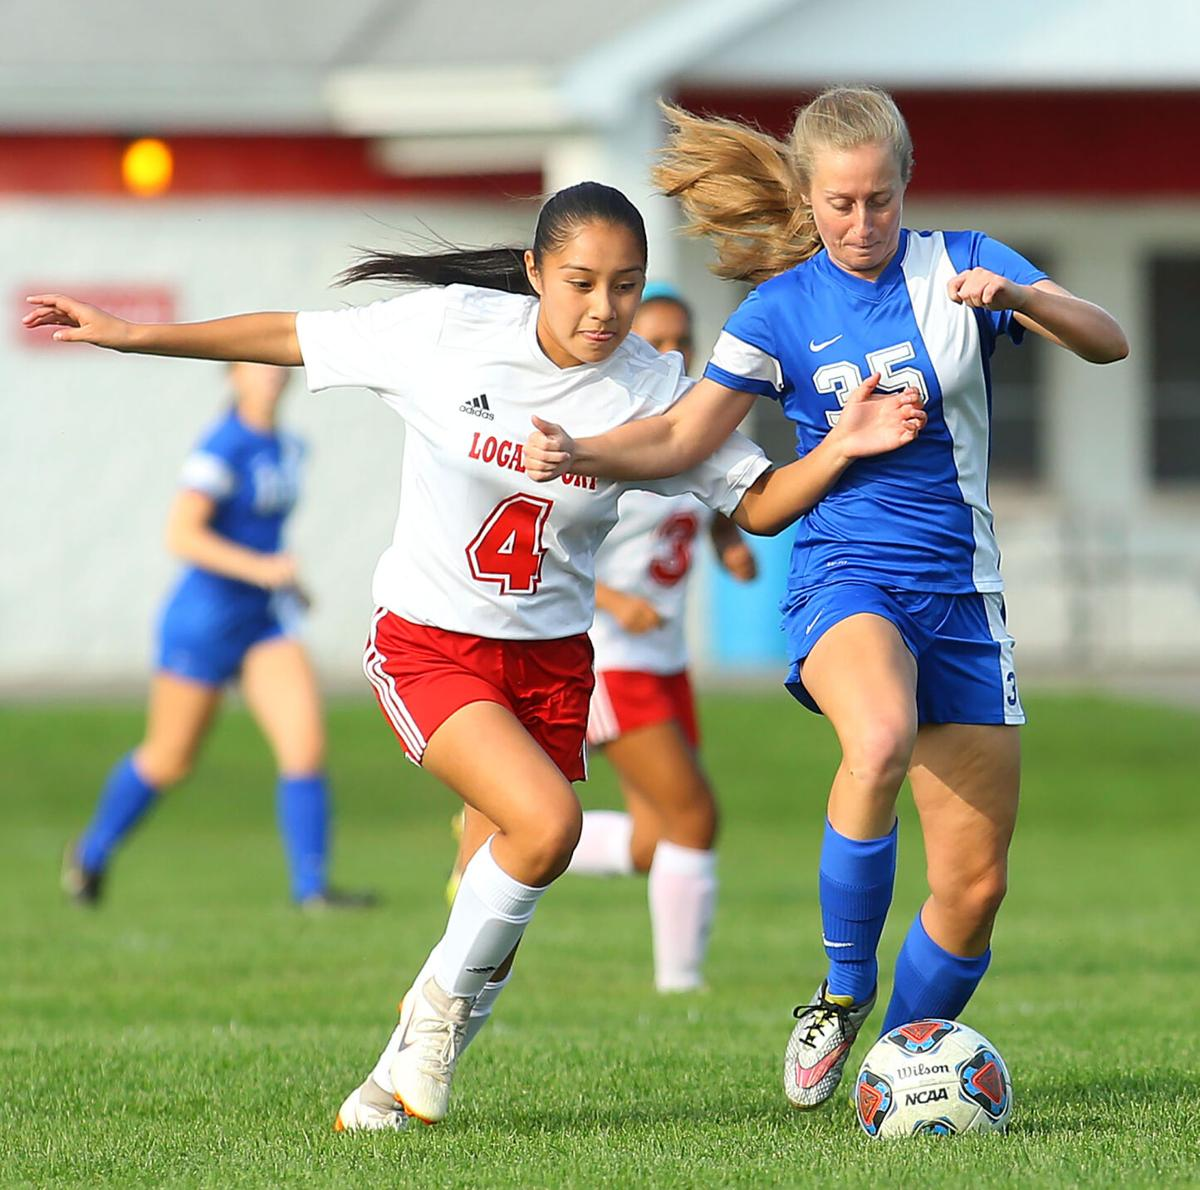 KHS vs LGN girls soccer 01.jpg